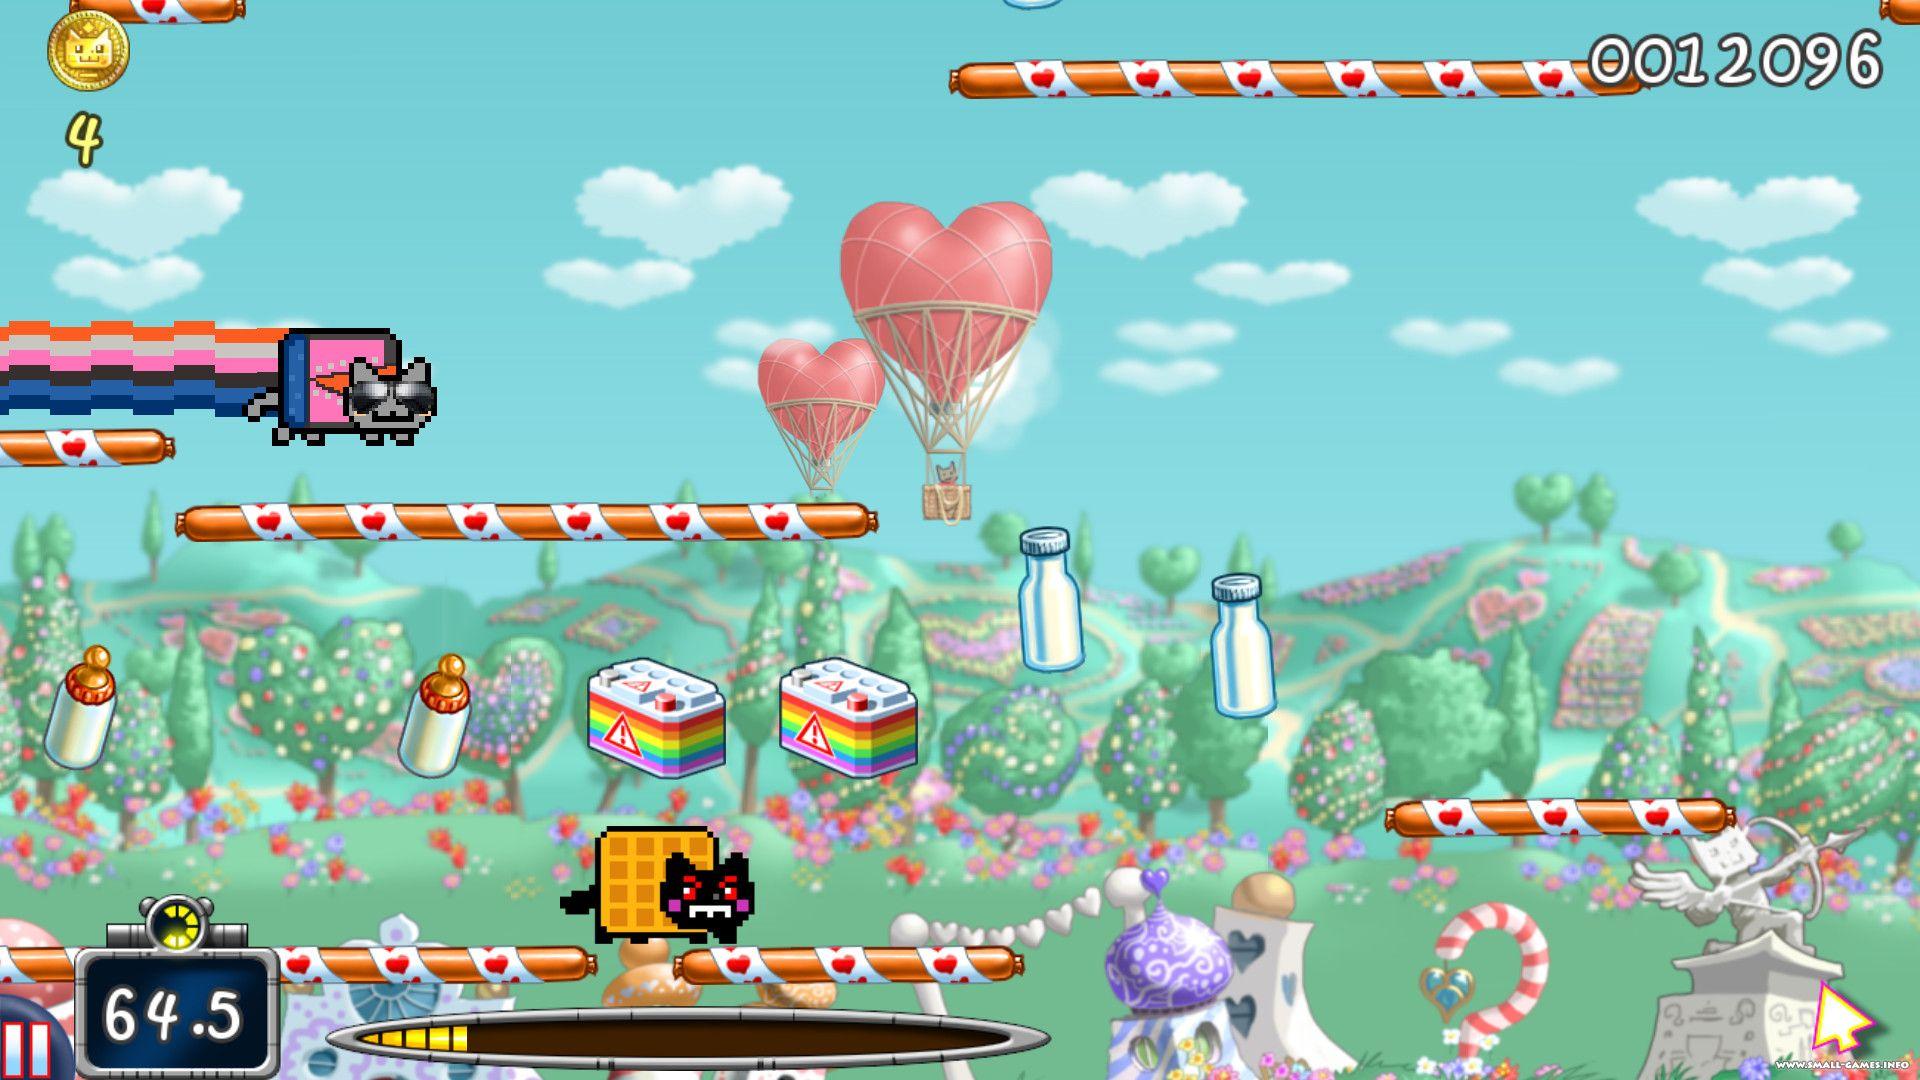 Nyan Cat Modes Game